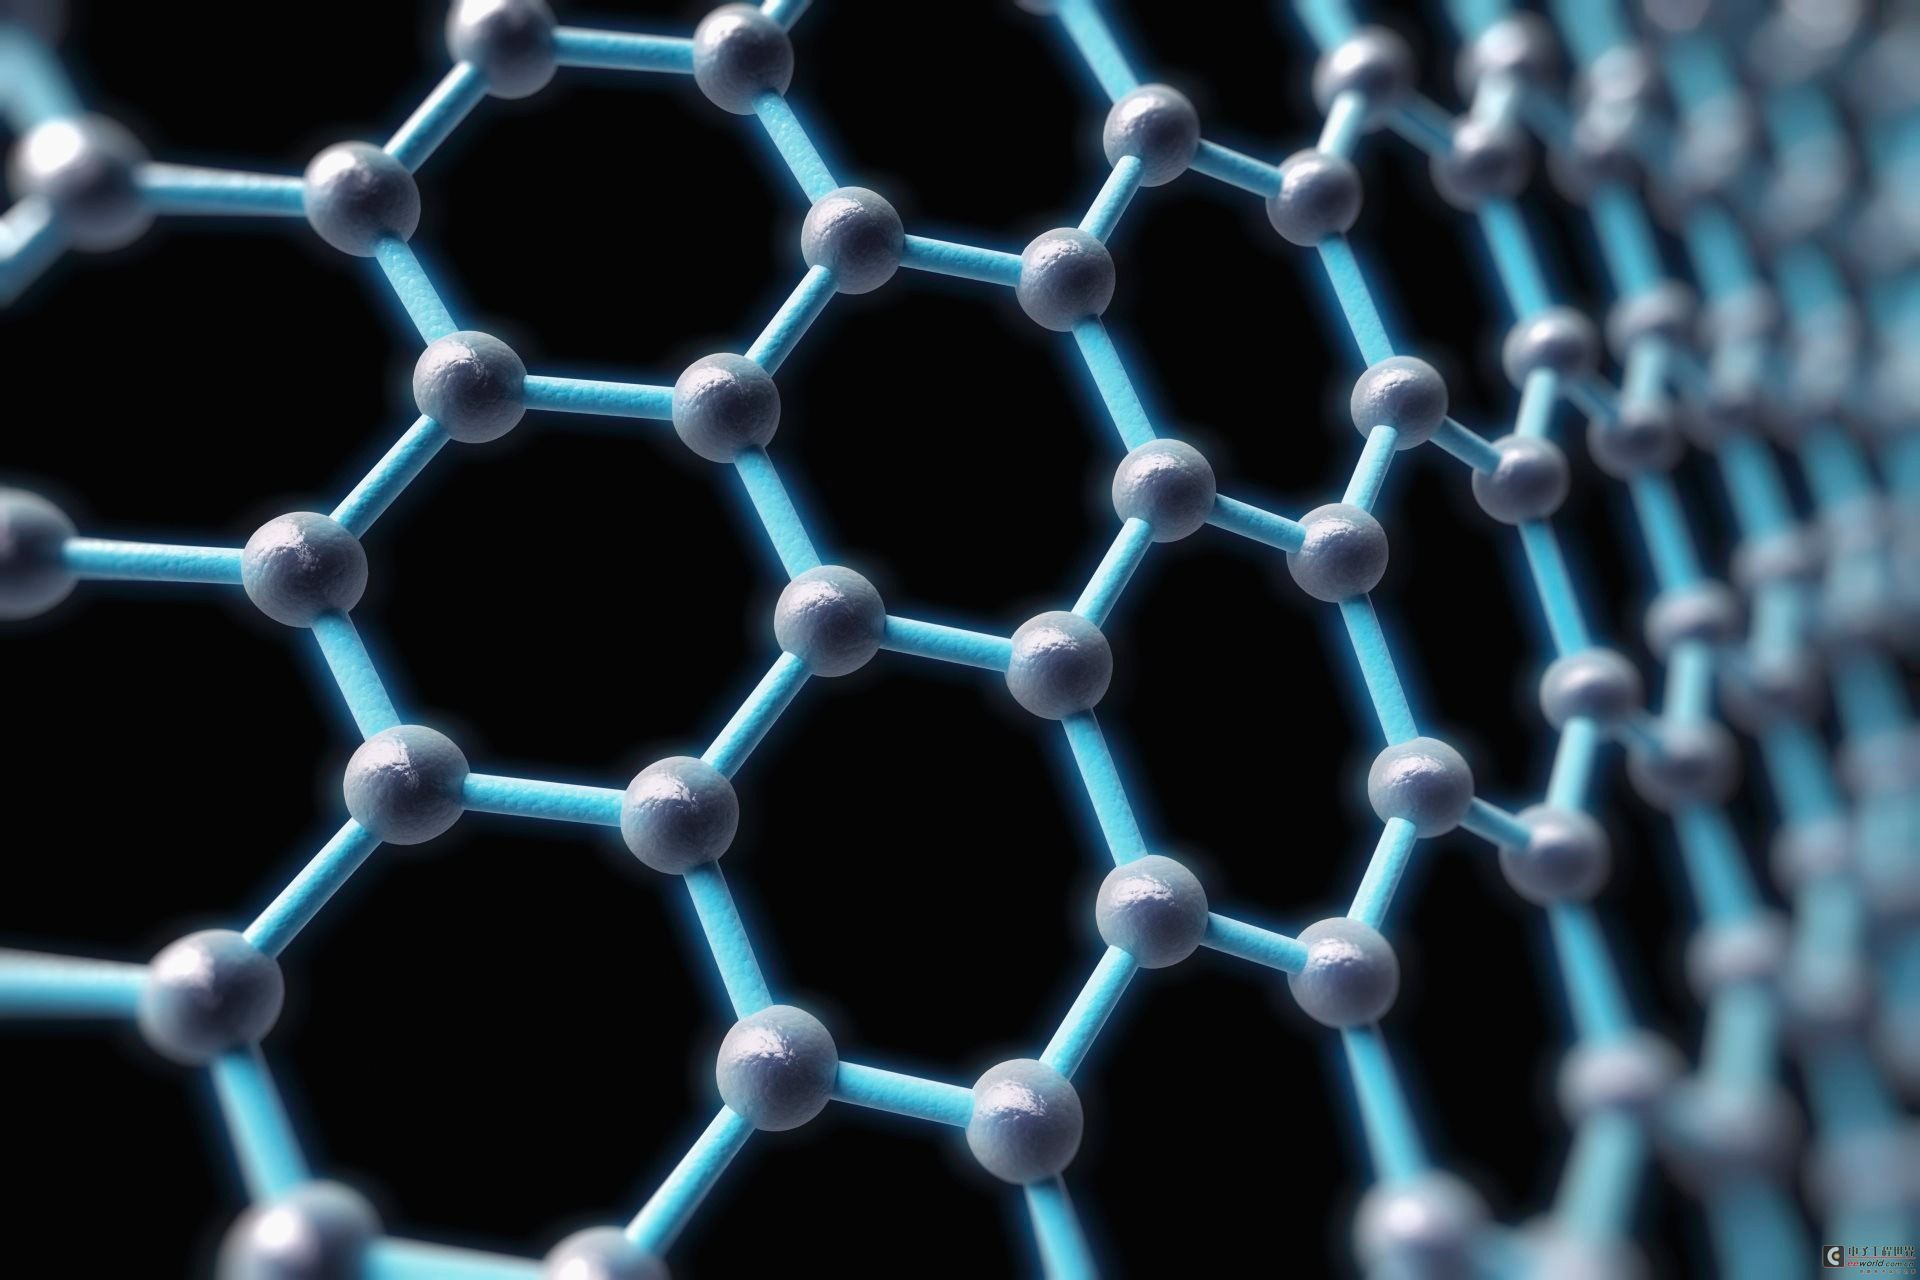 烯结构是平面六边形点阵,可以看作是一层被剥离的石墨分子,每个碳原子